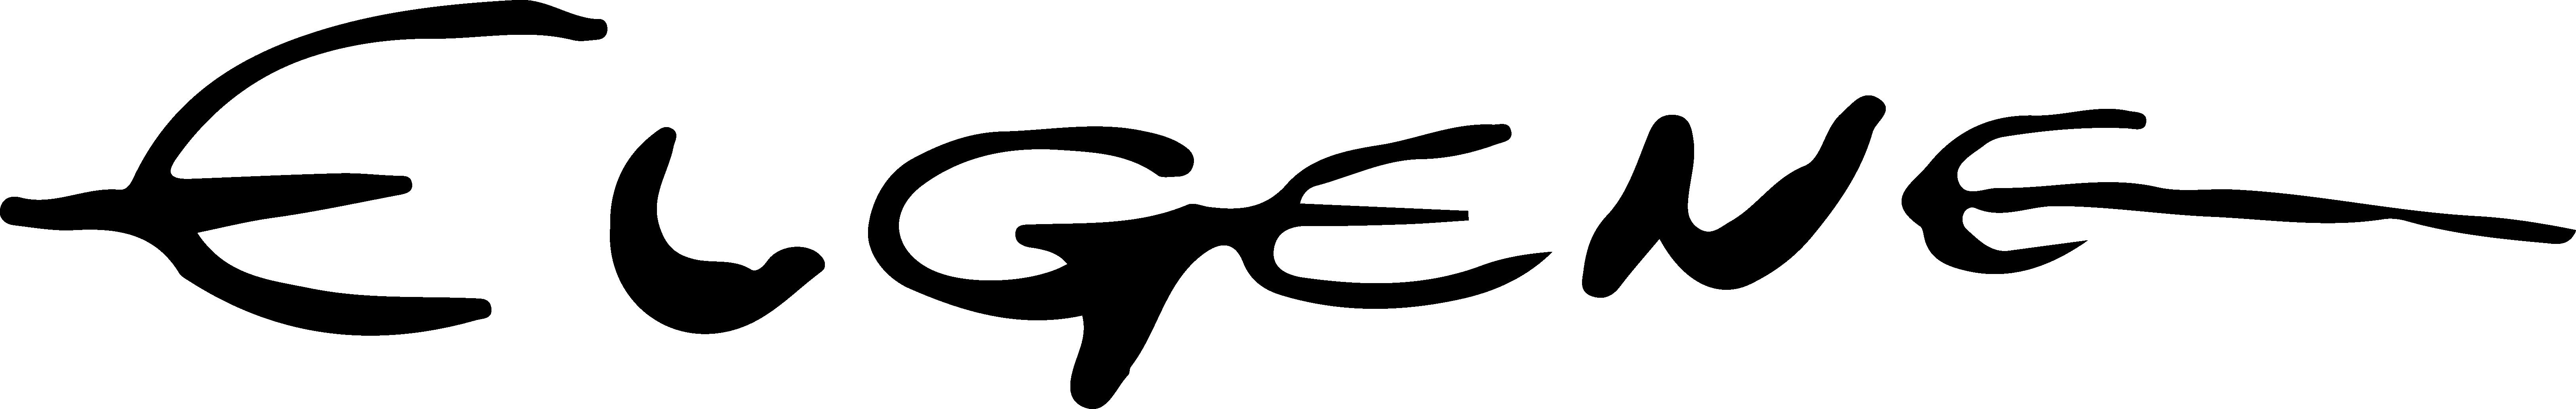 Evgeni Hristov Signature